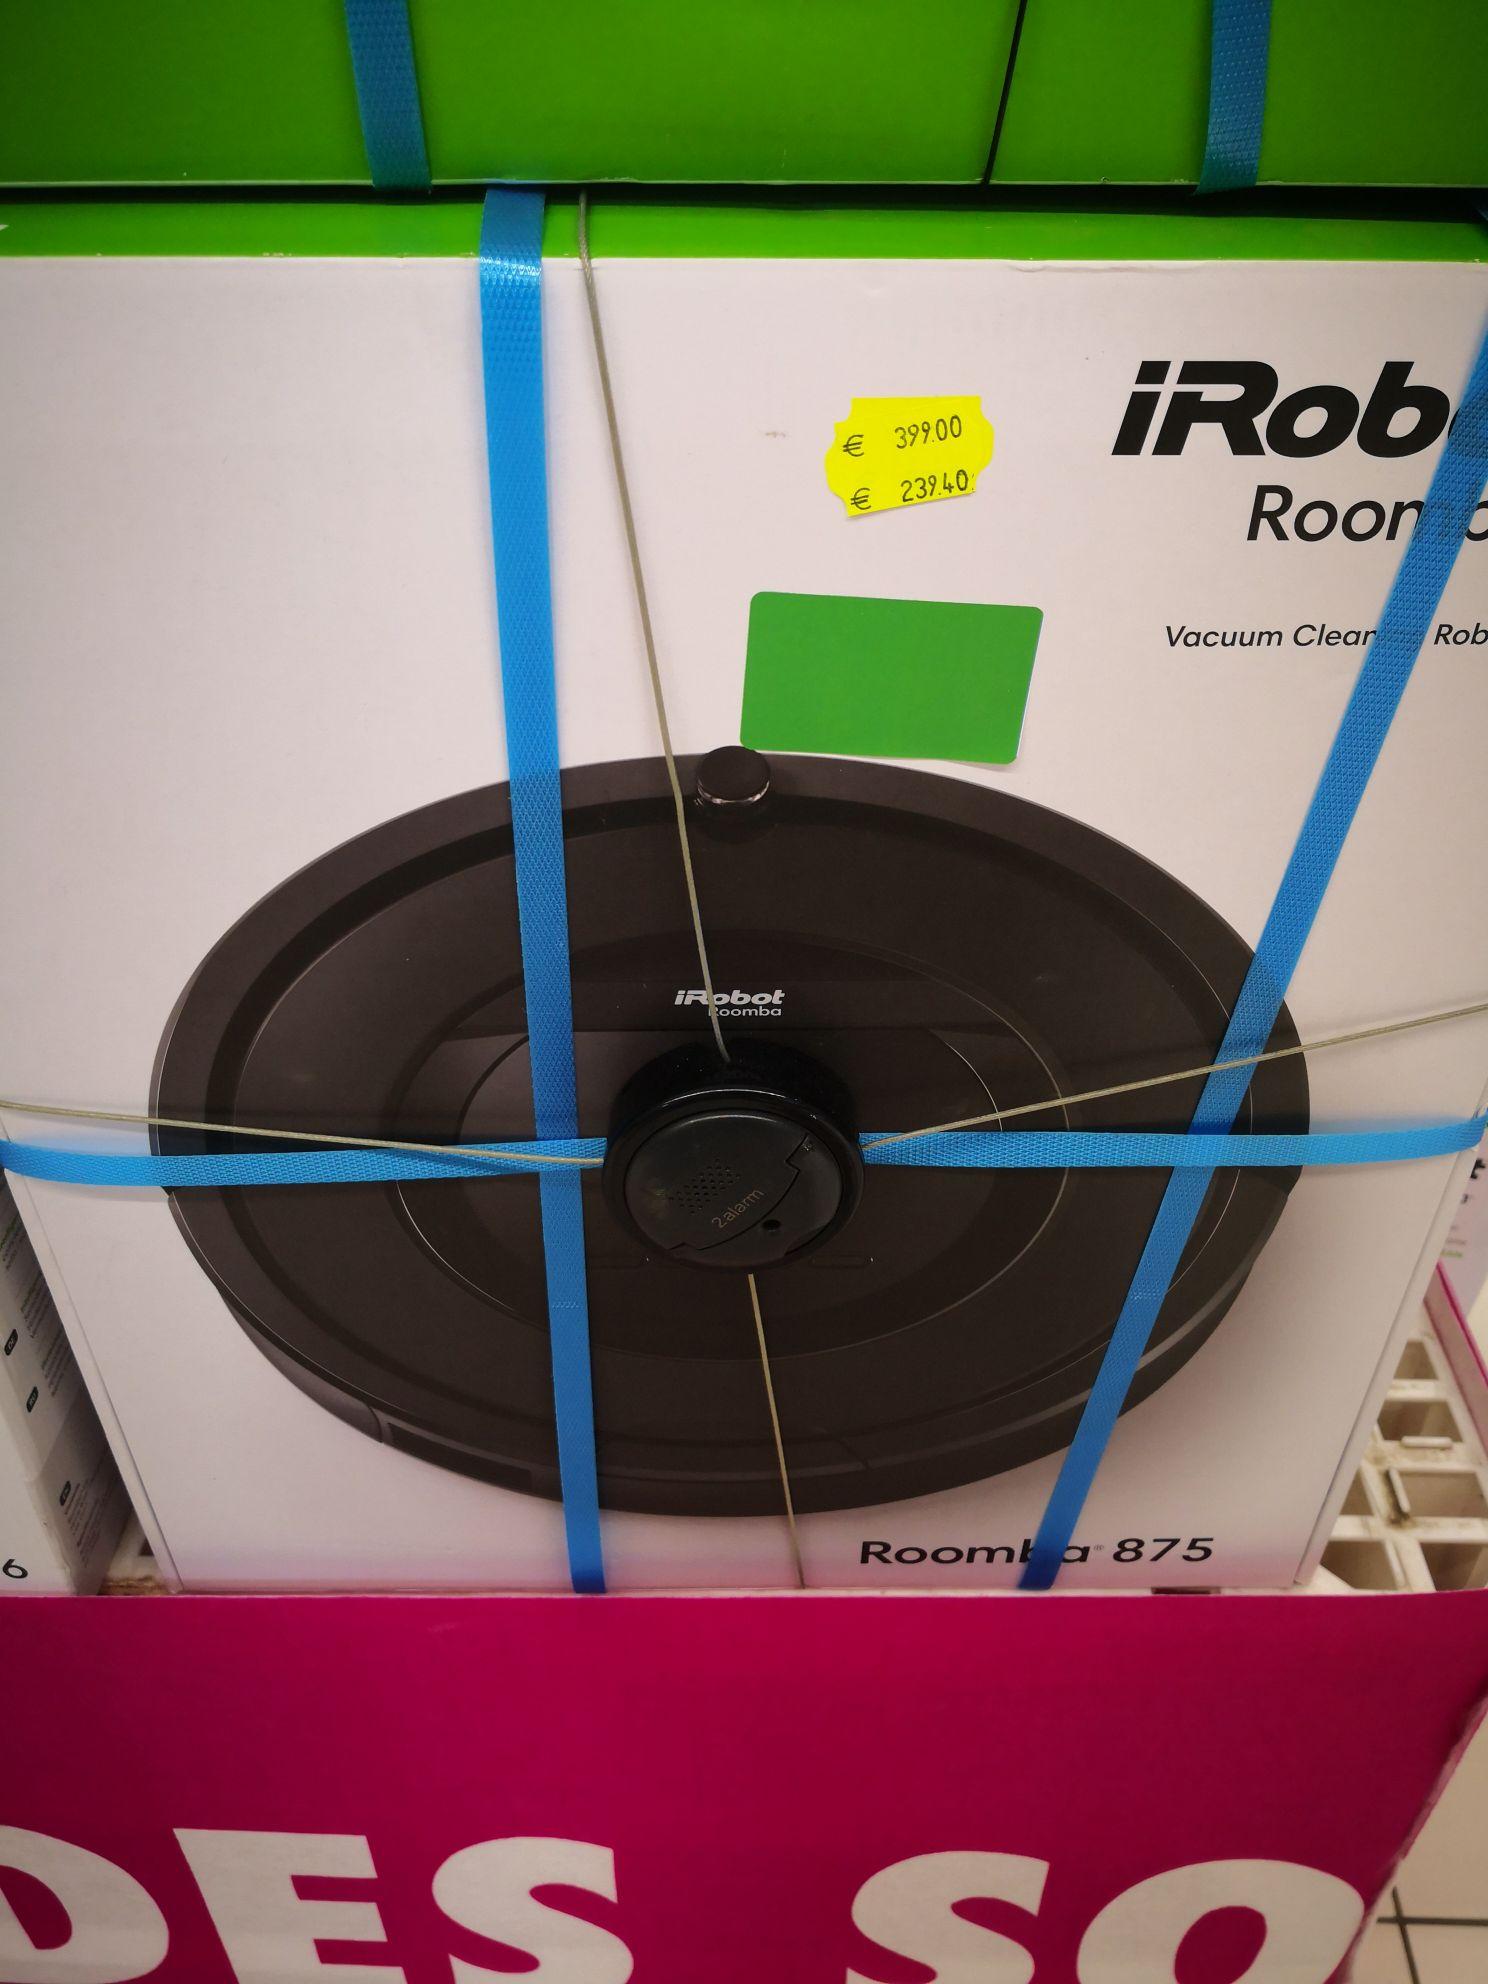 Aspirateur robot IRobot Roomba 875 - Carrefour Mulhouse (68)